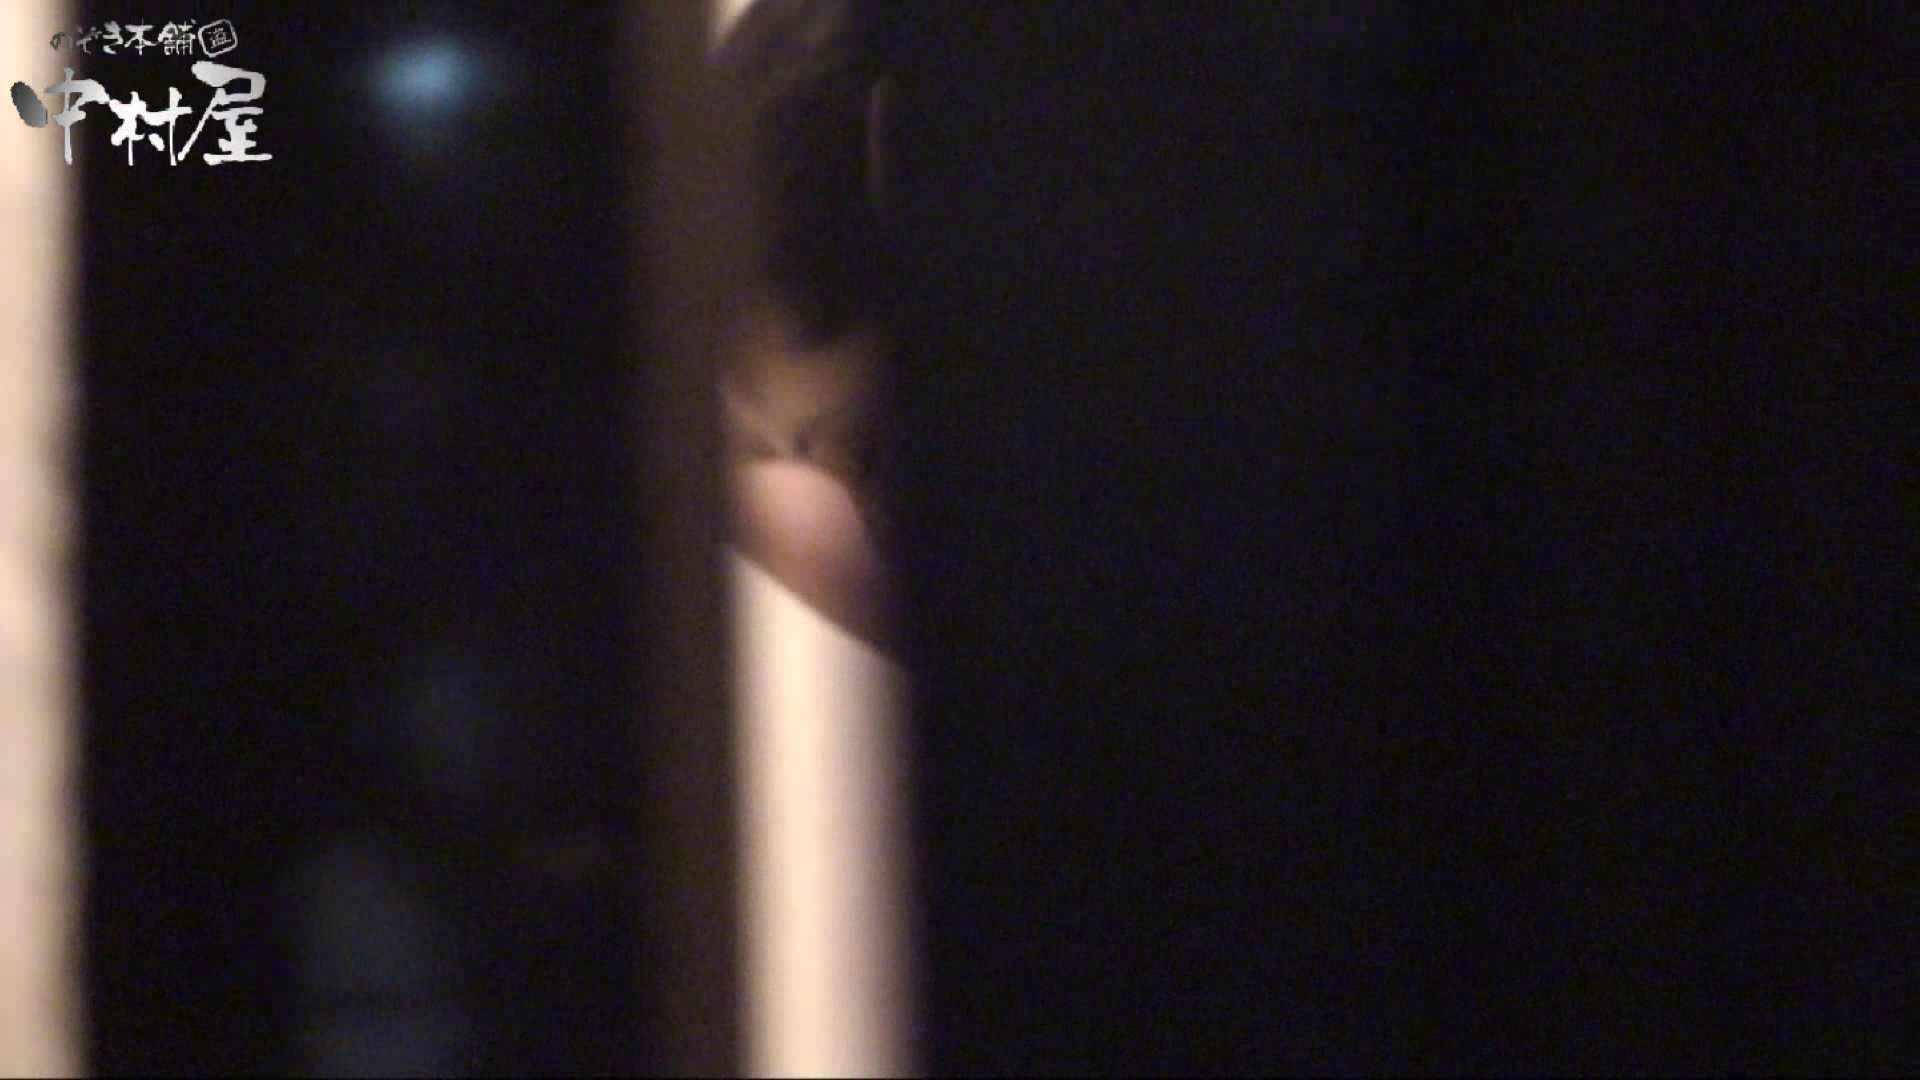 民家盗撮 隙間の向こう側 vol.01 シャワー   盗撮特撮  13pic 5